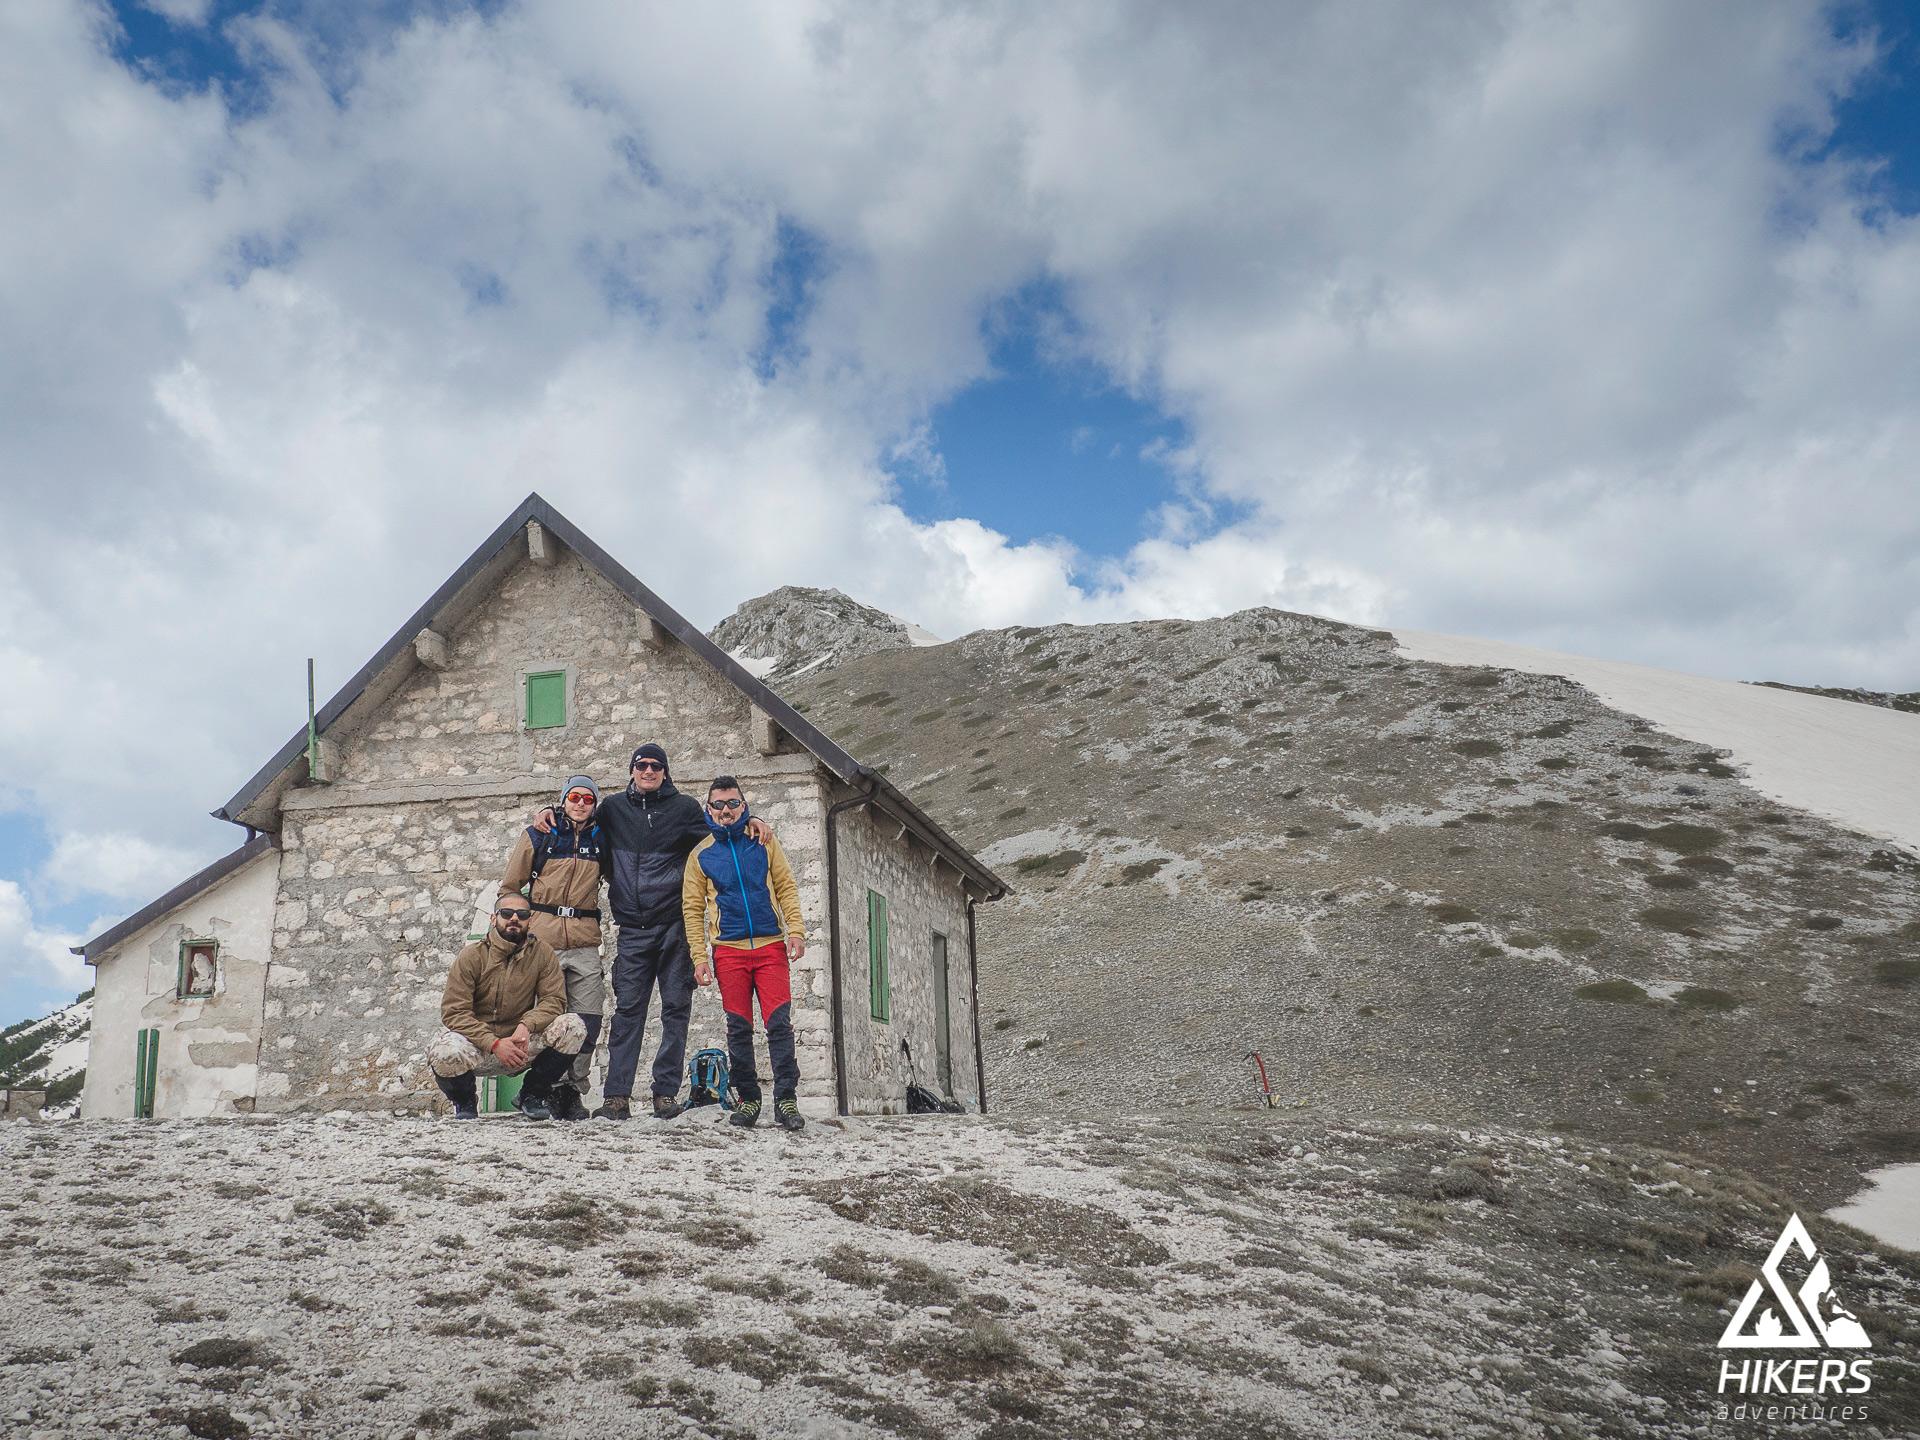 Risalita dalla Val di Rose al rifugio Forca Resuni nel Parco Nazionale d'Abruzzo